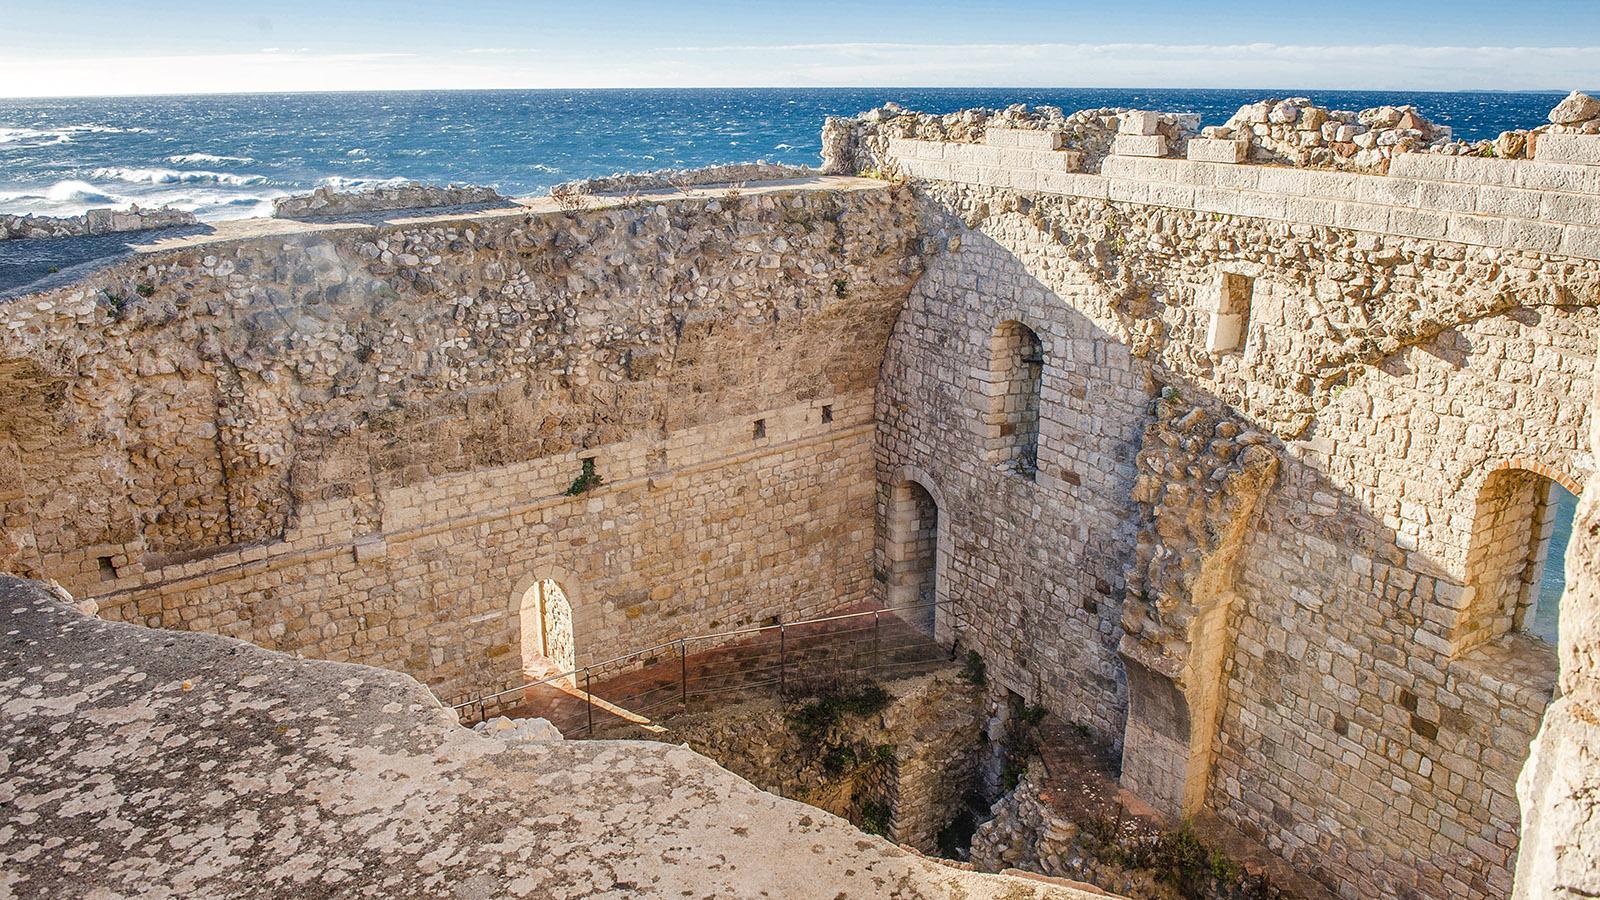 Der Donjon von Saint-Honorat. Foto: Hilke Maunder